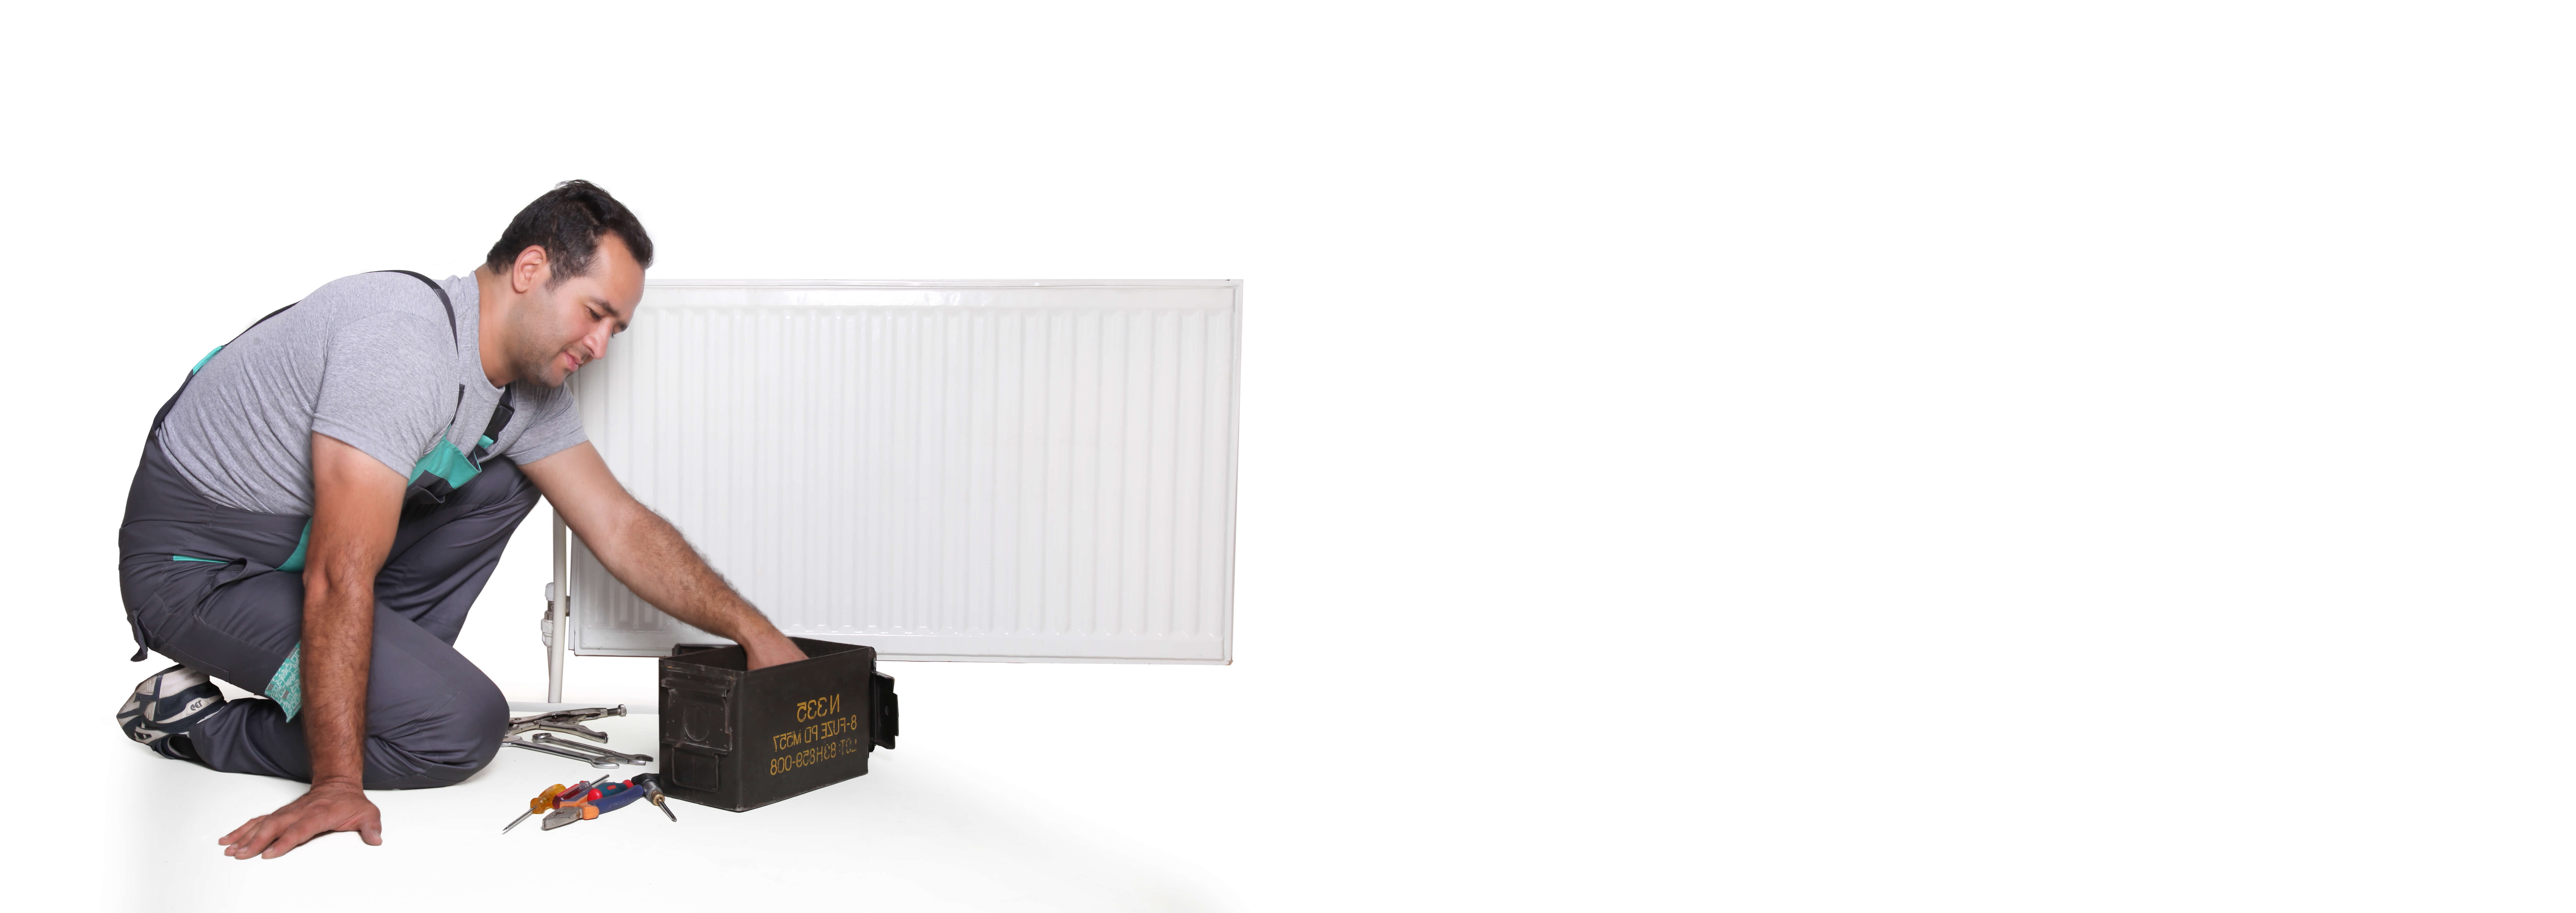 خدمات سرمایش و گرمایش